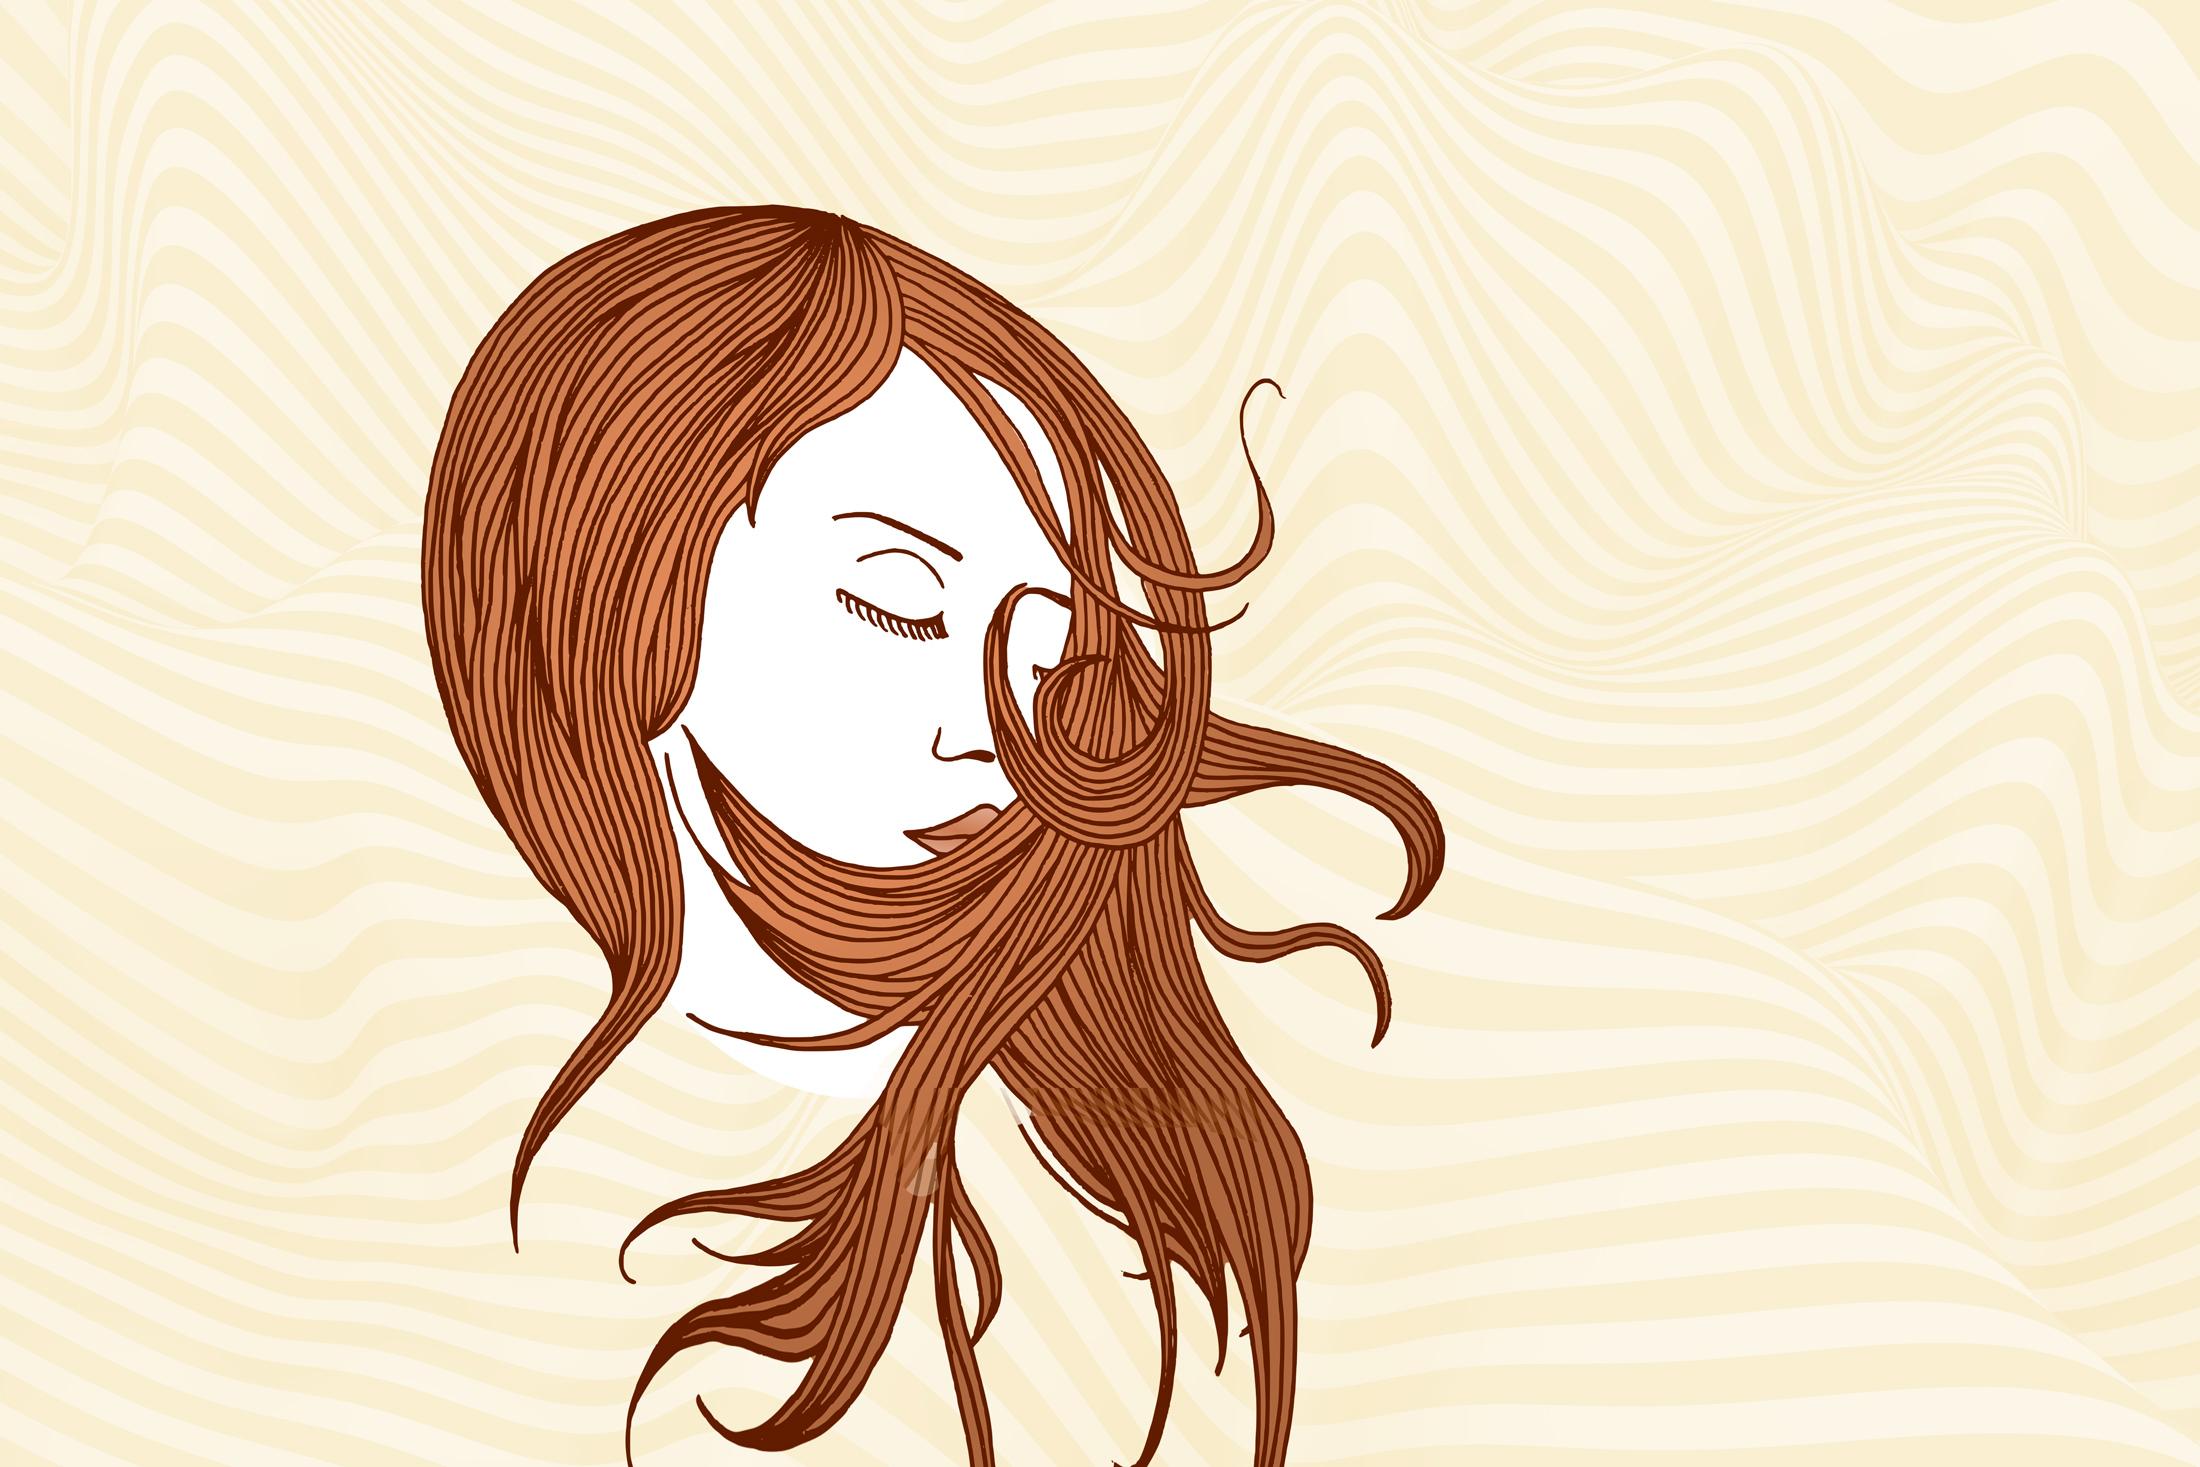 Manejo de ansiedad: si tienes que elegir, empieza por ti